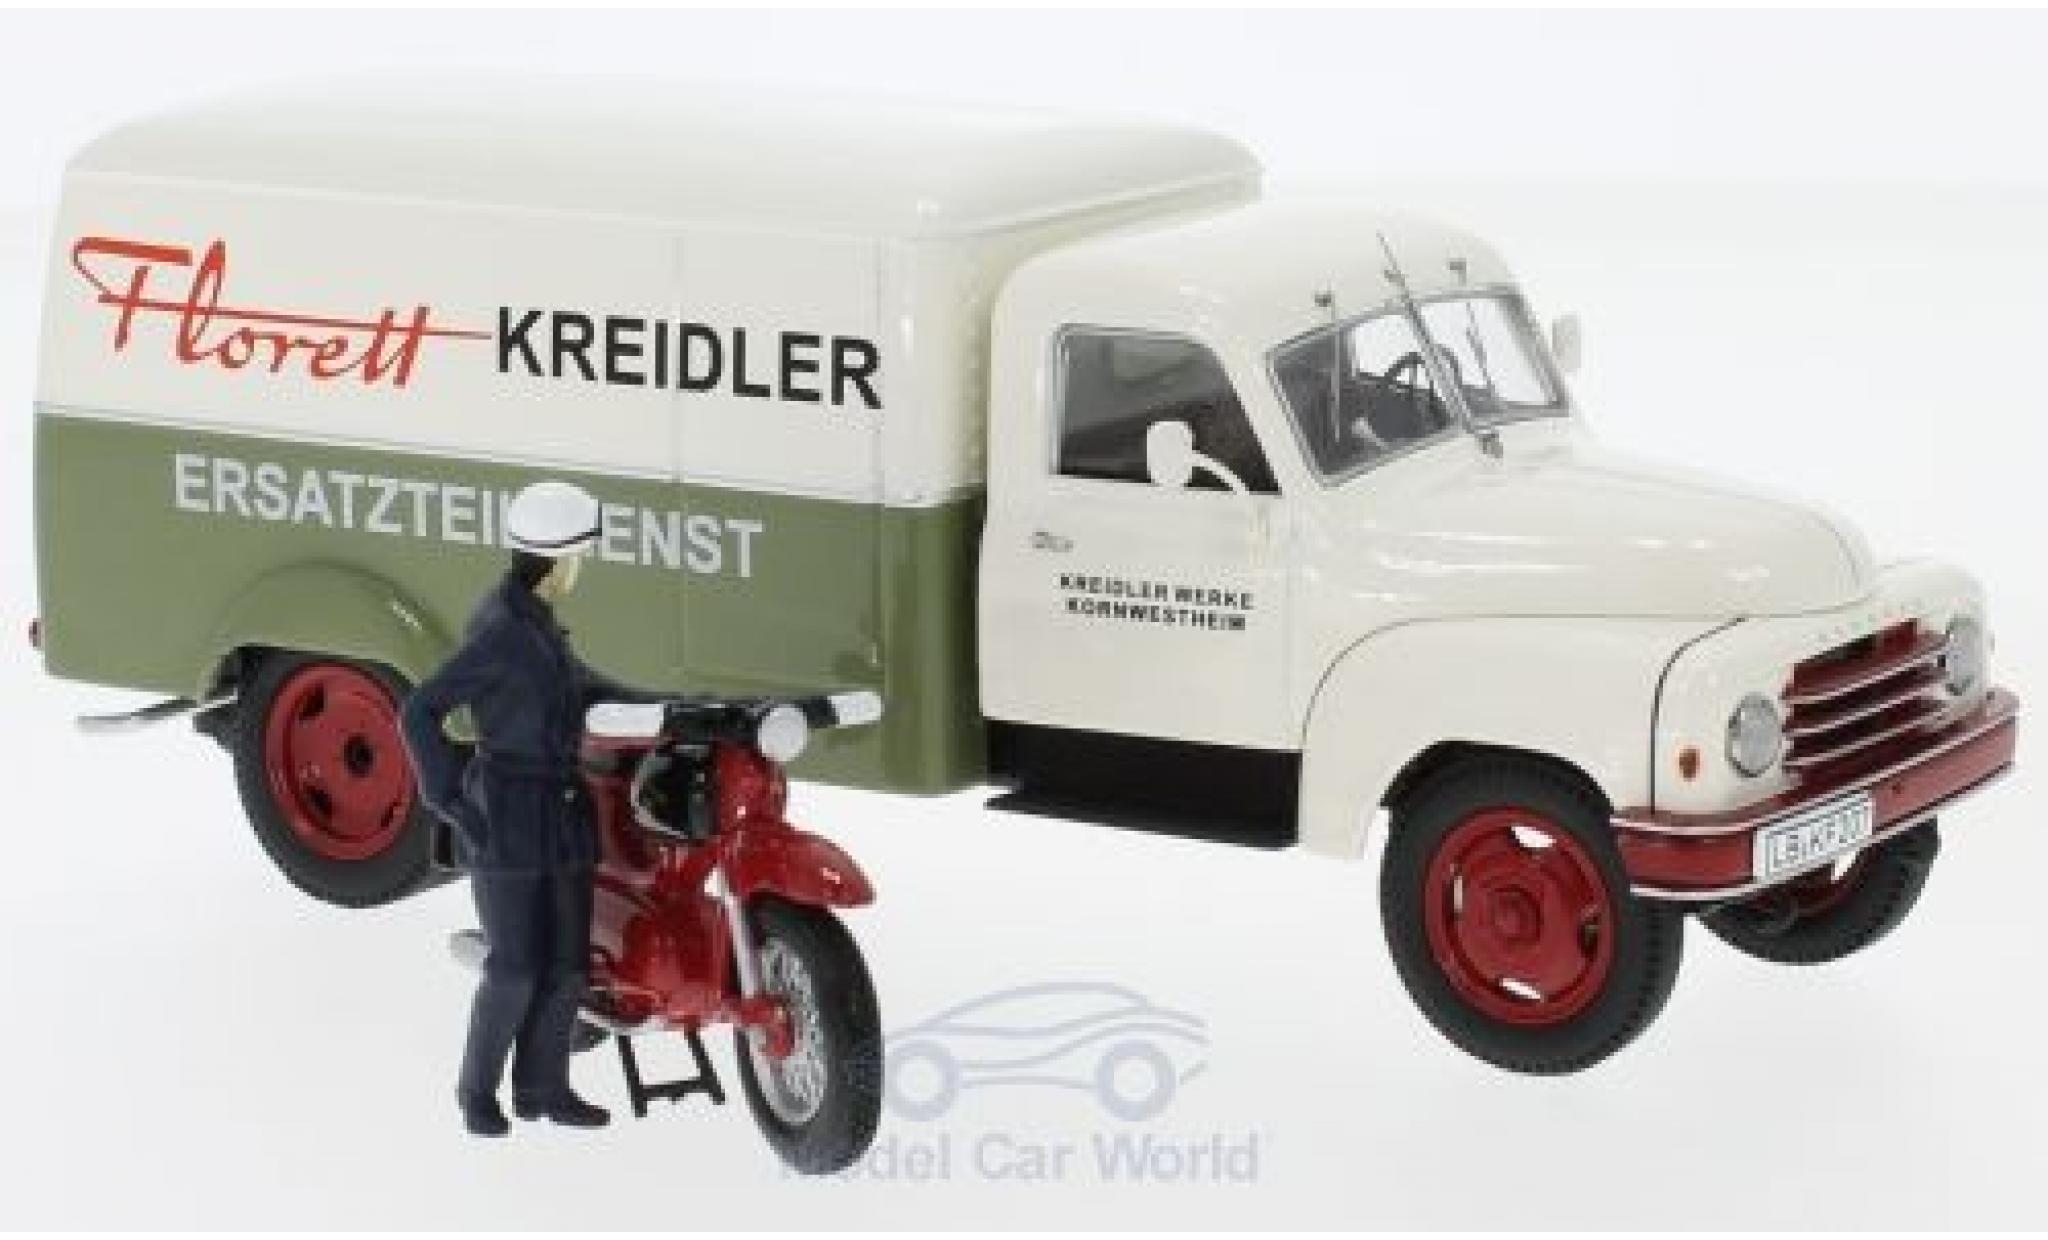 Hanomag L28 1/43 Schuco Kreidler Ersatzteildienst mit Kreidler Florett und Fahrerfigur